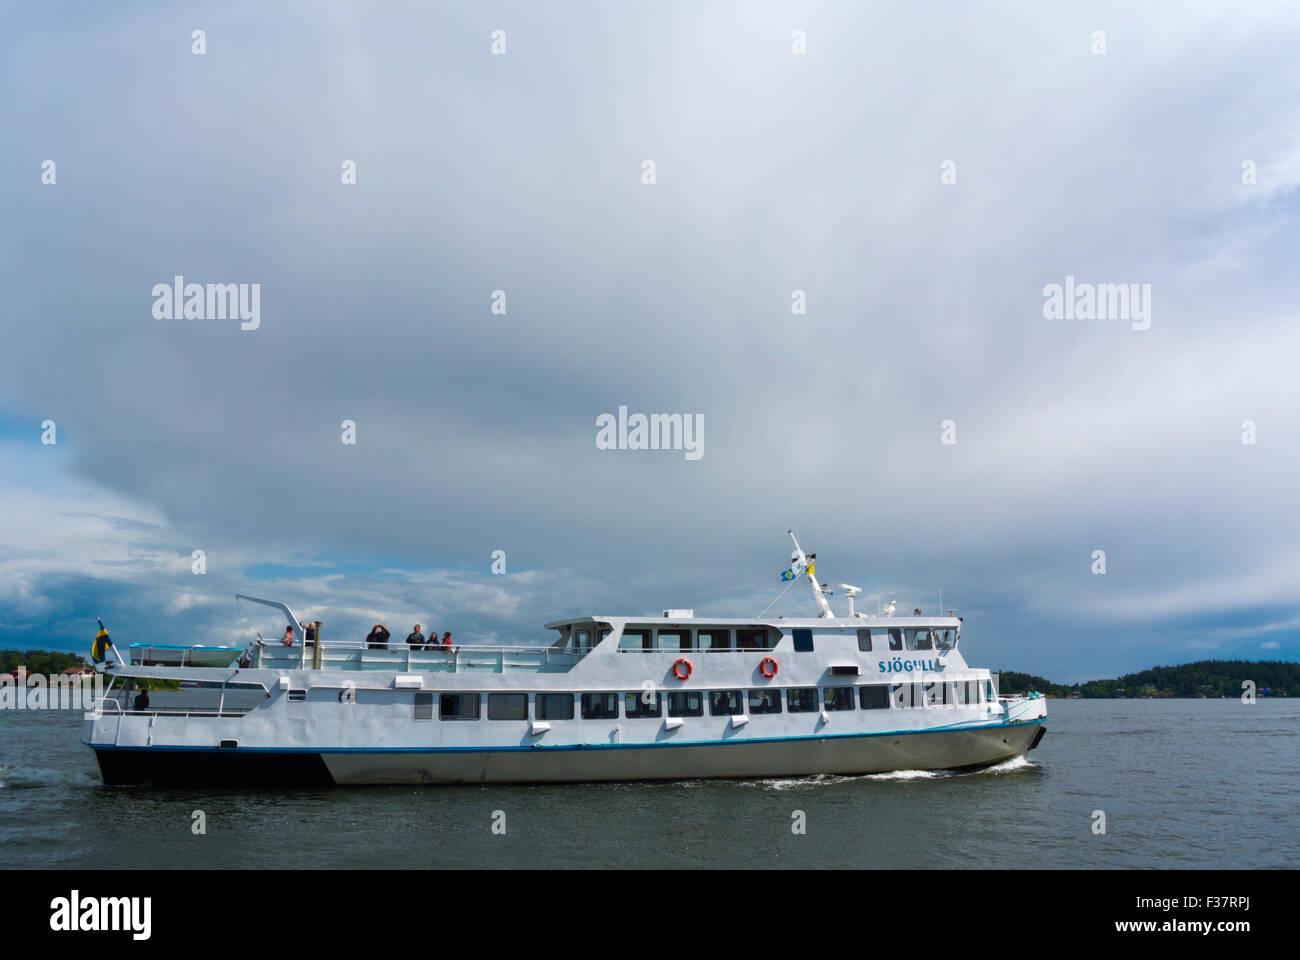 Passenger boat, Stockholm's archipelago, at Vaxholm, near Stockholm, Sweden - Stock Image